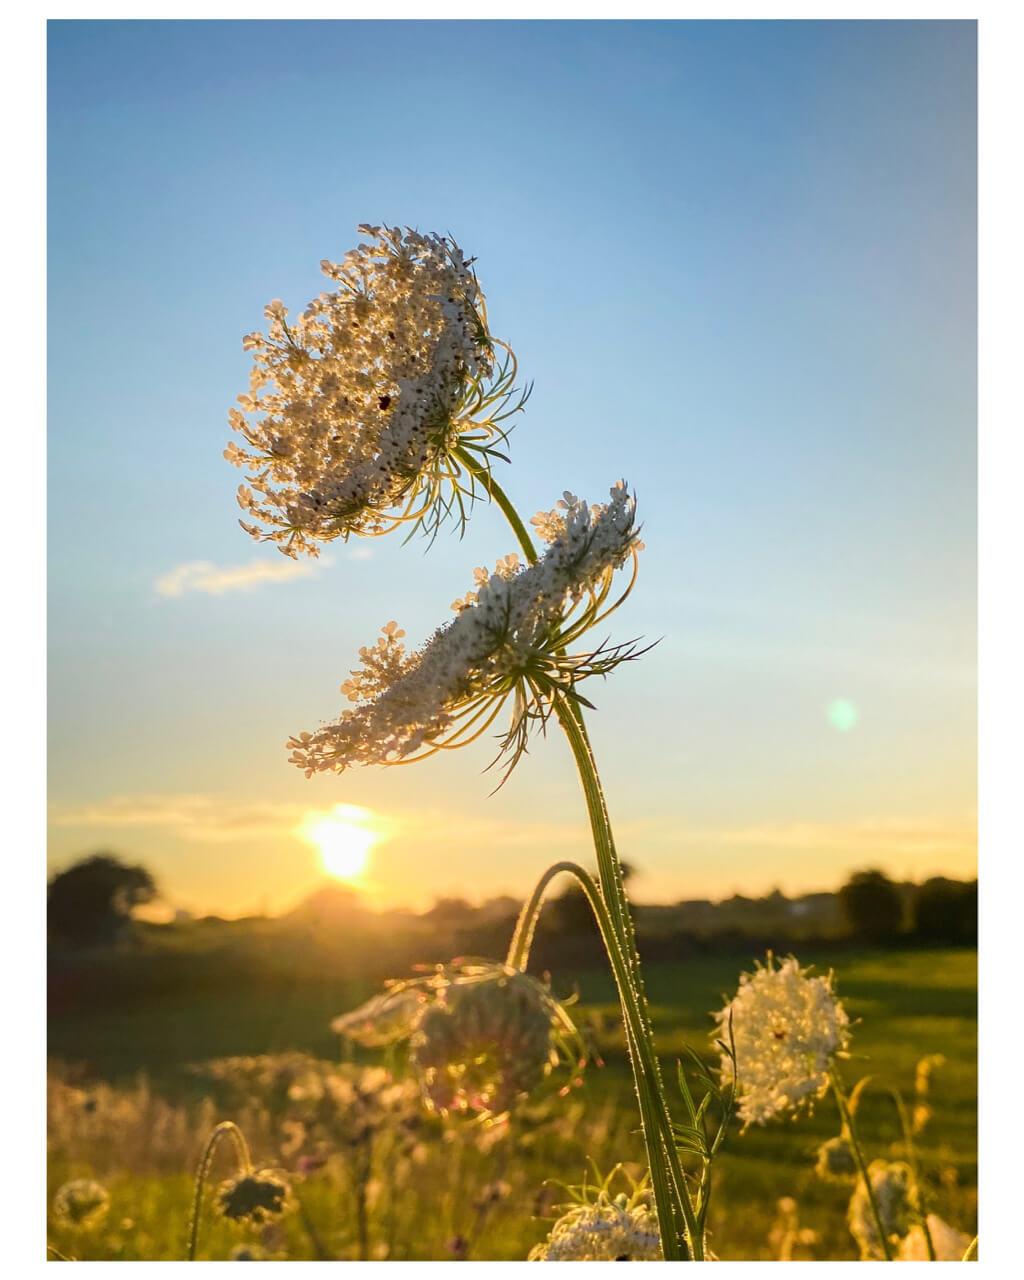 Wilde peenplant bij zonsondergang